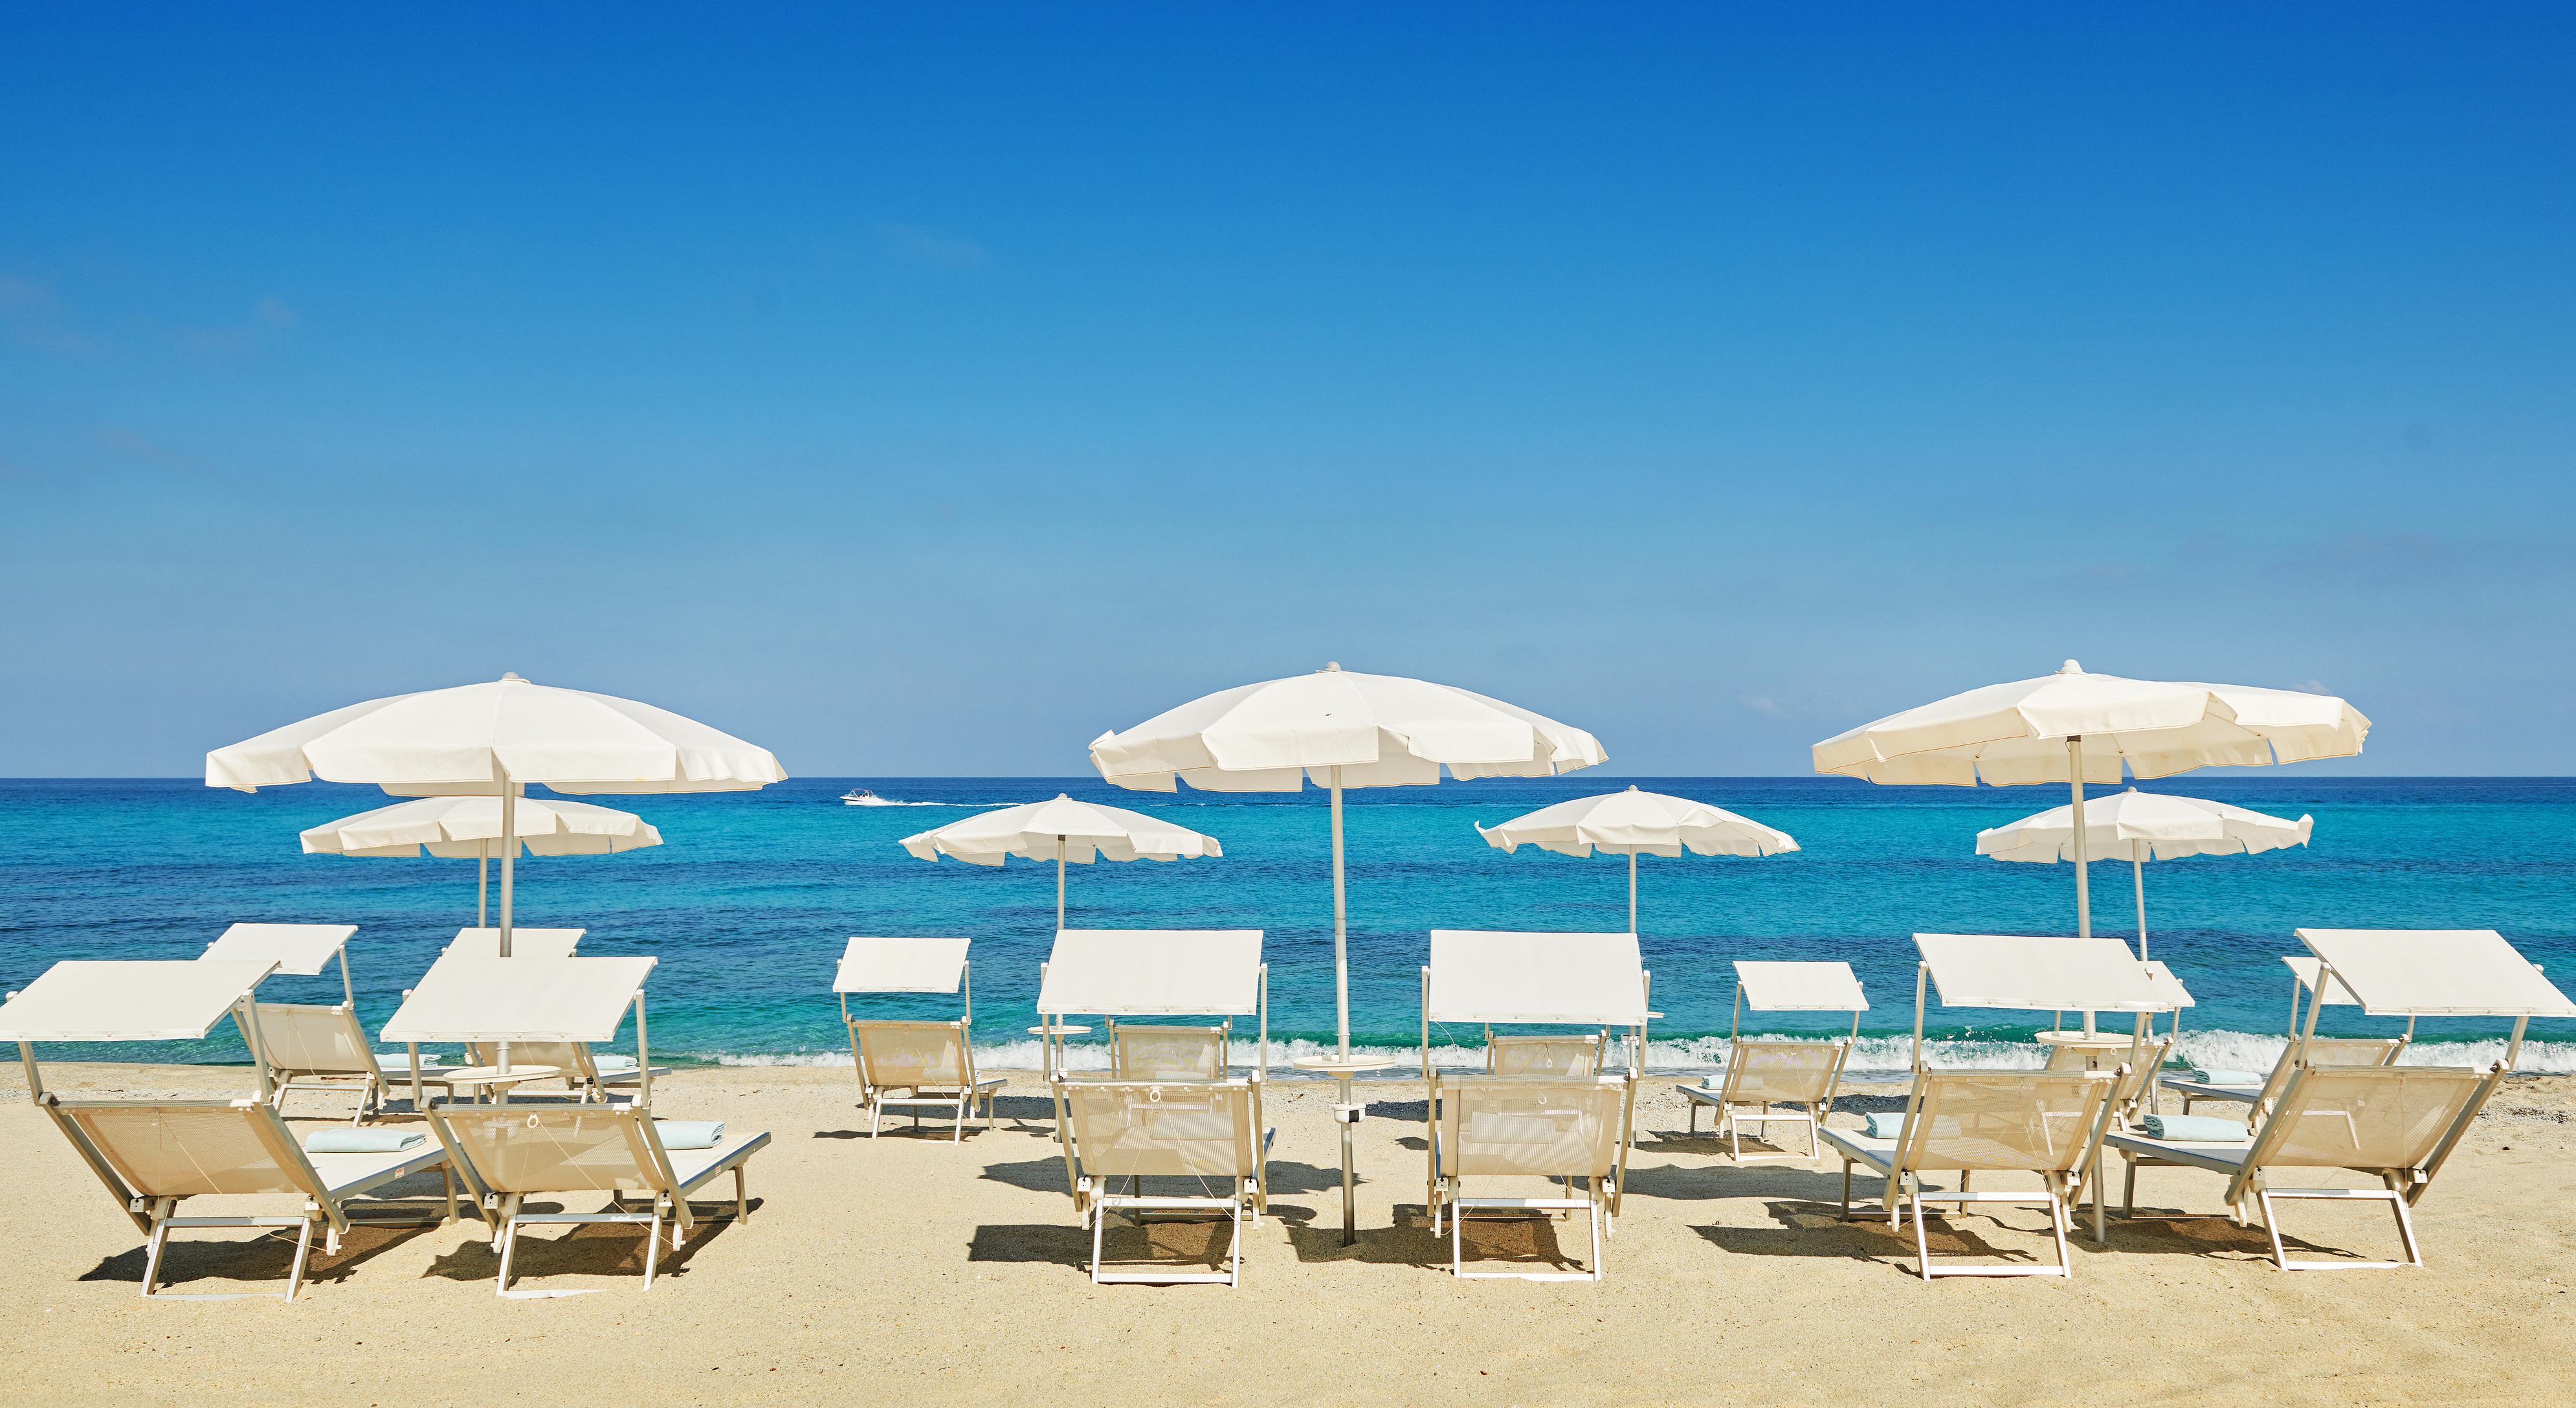 Capovaticano Resort Beach Club